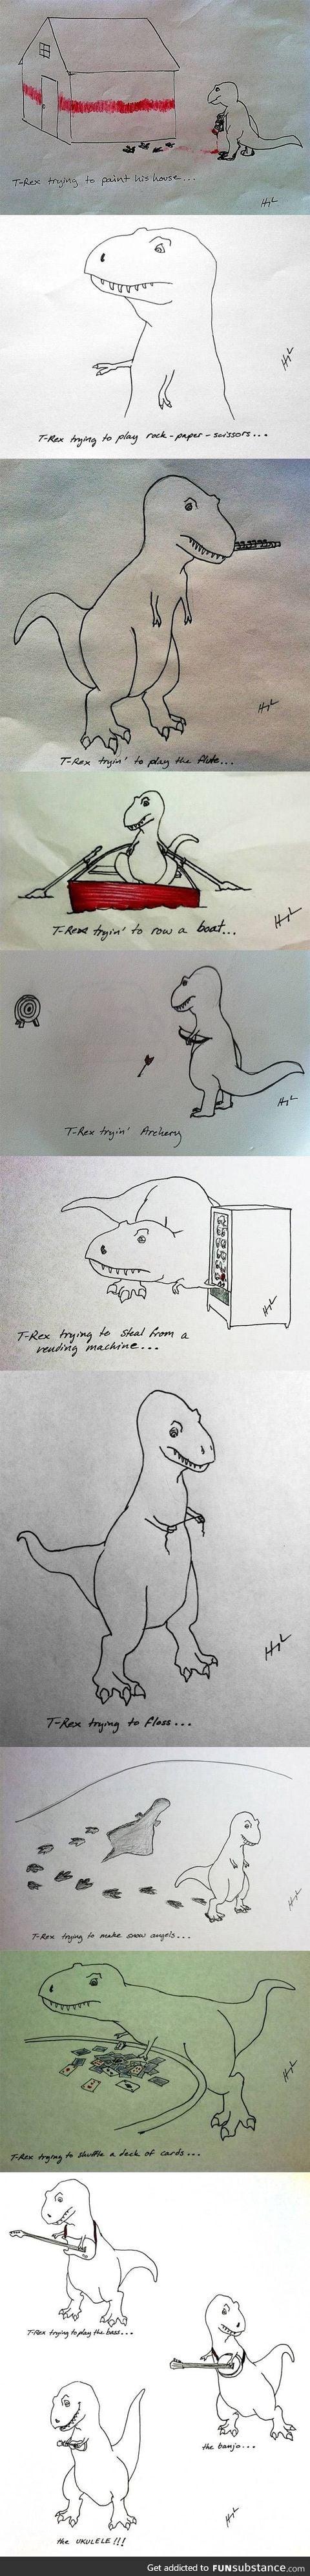 T-Rex trying new stuff